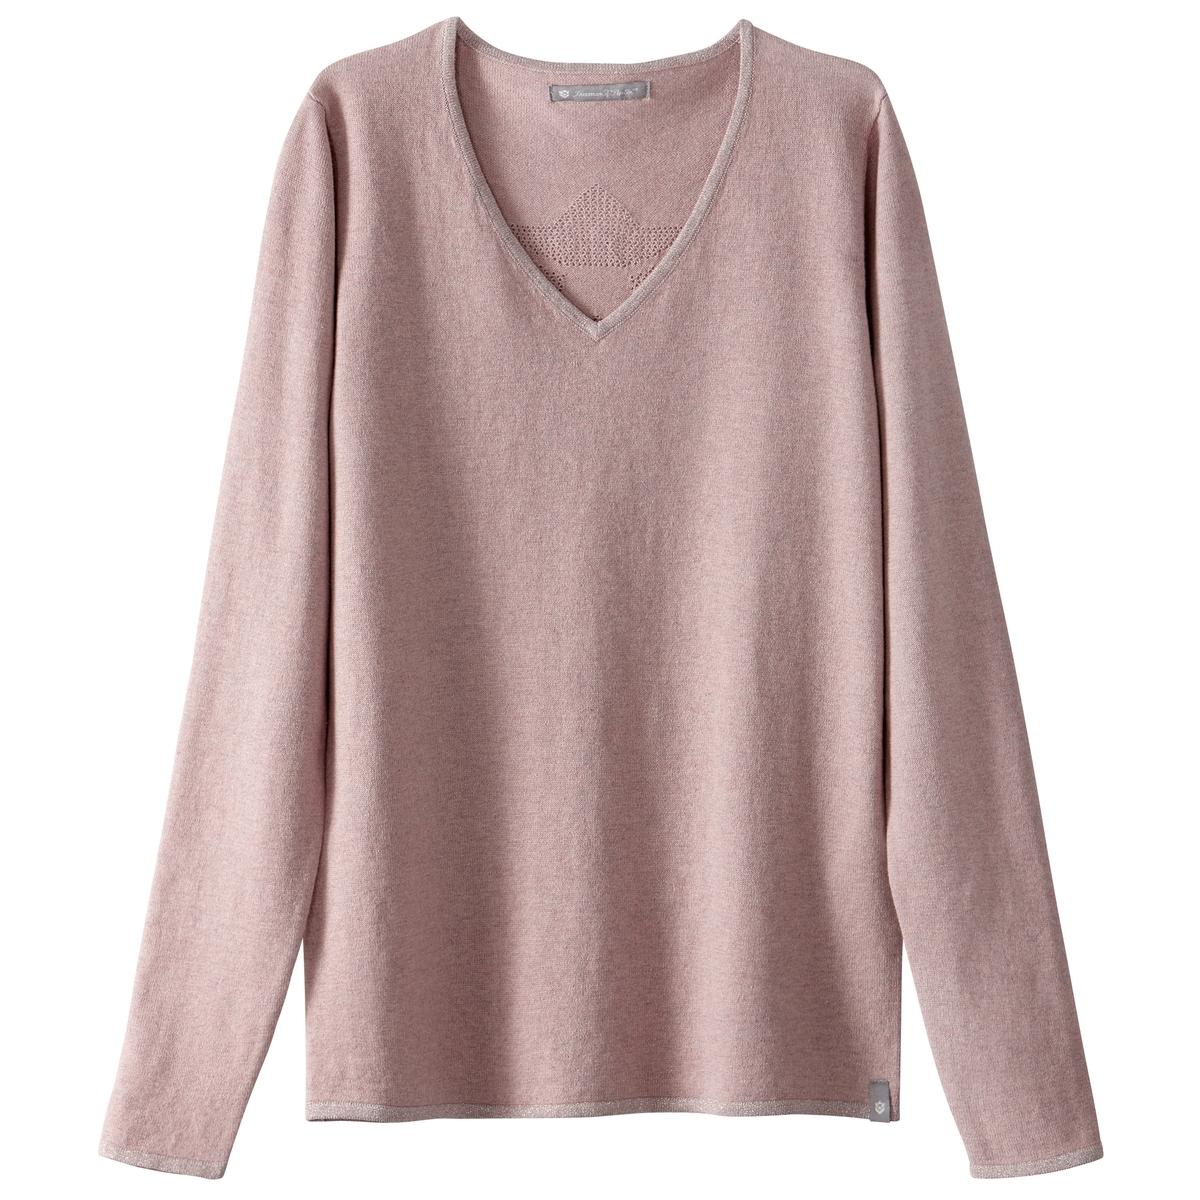 Пуловер стандартного покрояДетали •  Длинные рукава  •   V-образный вырез •  Тонкий трикотаж Состав и уход •  5% кашемира, 94% хлопка, 1% других волокон •  Следуйте советам по уходу, указанным на этикетке<br><br>Цвет: розовый